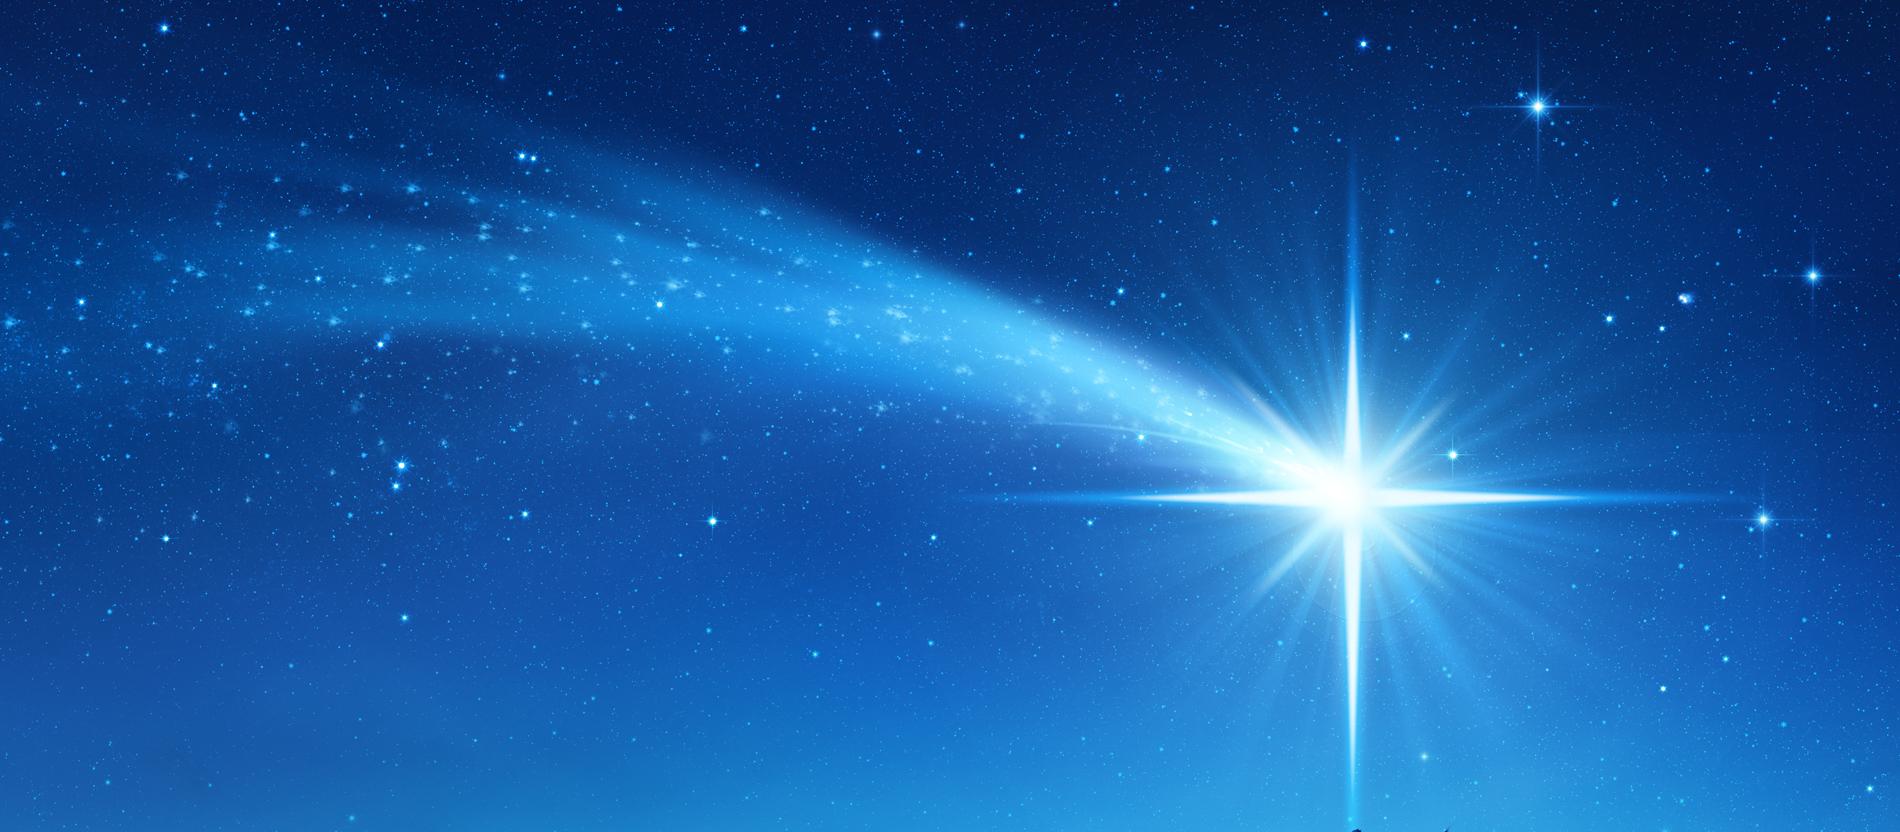 Stern von Bethlehem leuchtet heute am Himmel wie vor 2020 Jahren ⭐